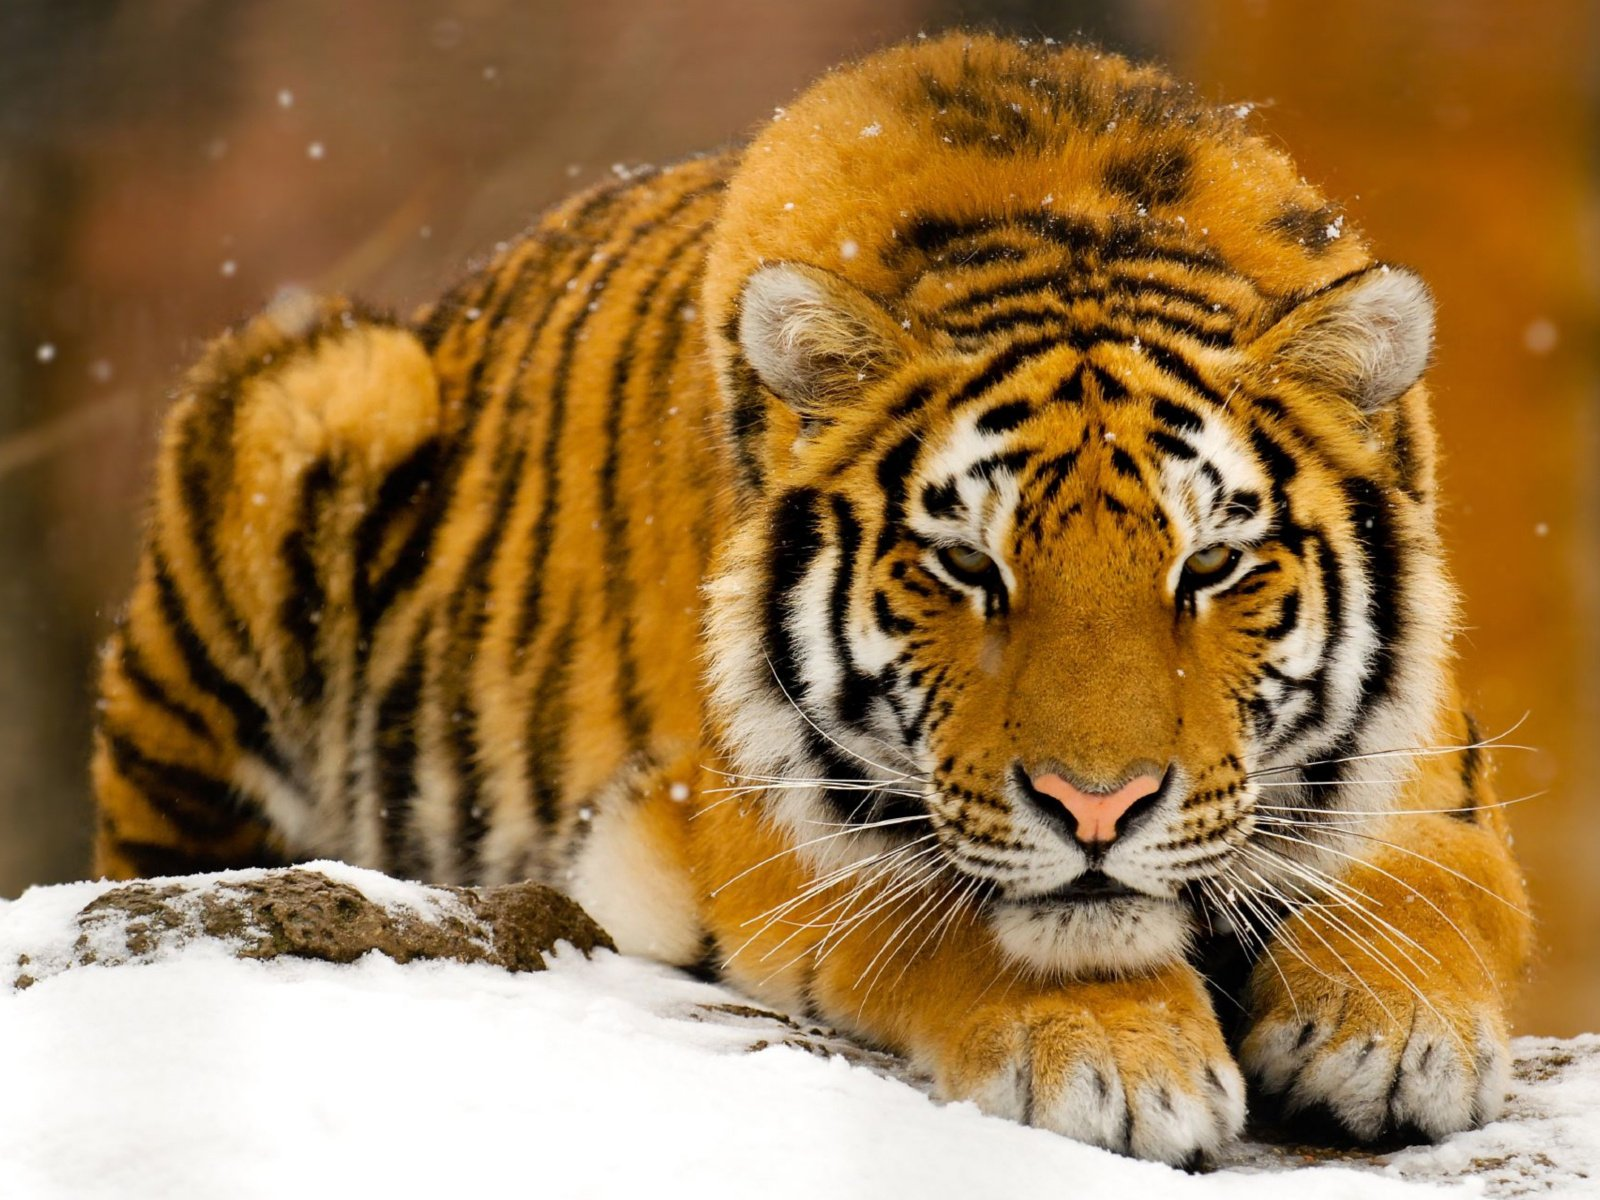 Открытки животные тигр, сделать приколы картинки